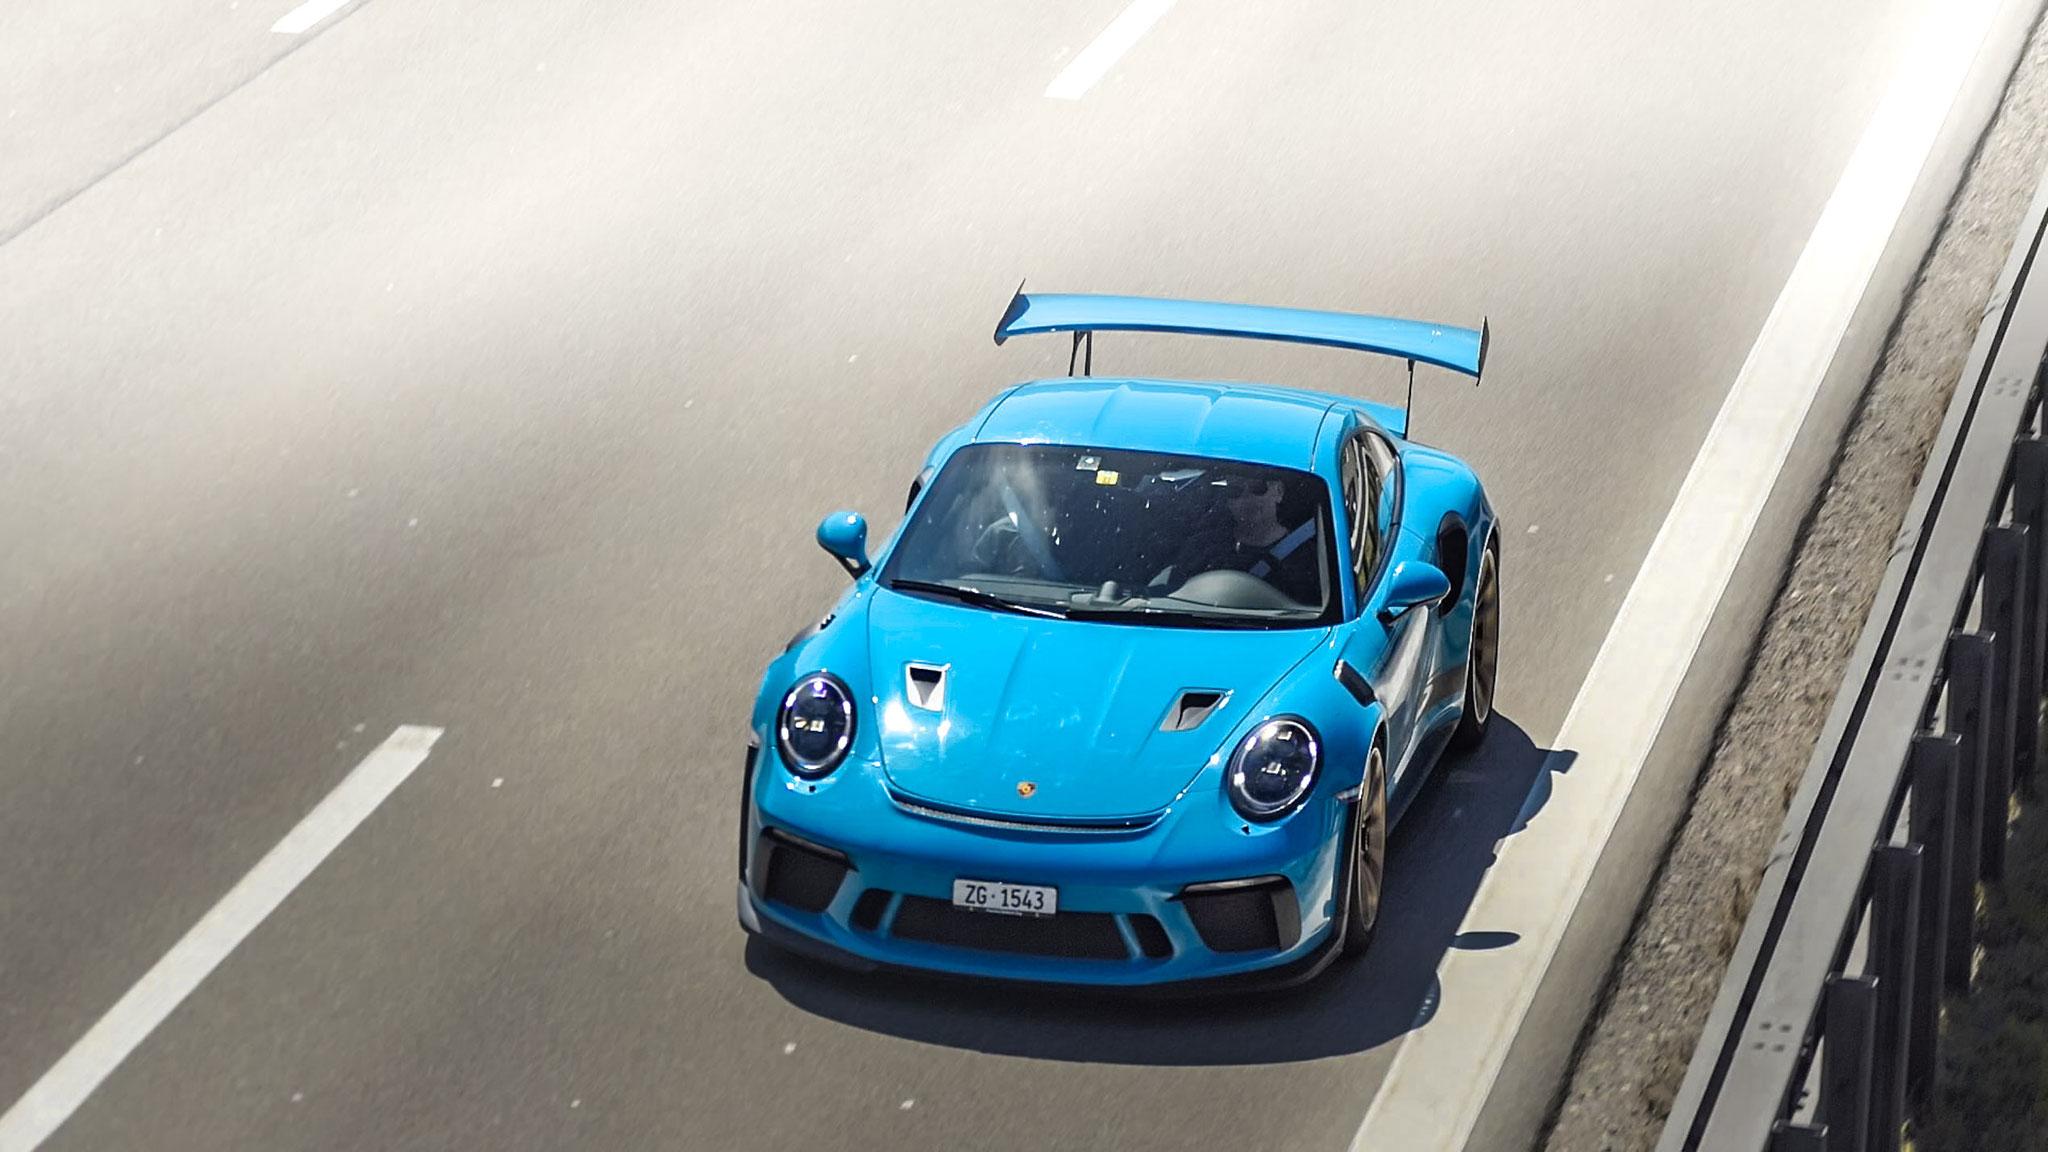 Porsche 911 991.2 GT3 RS - ZG-1543 (CH)